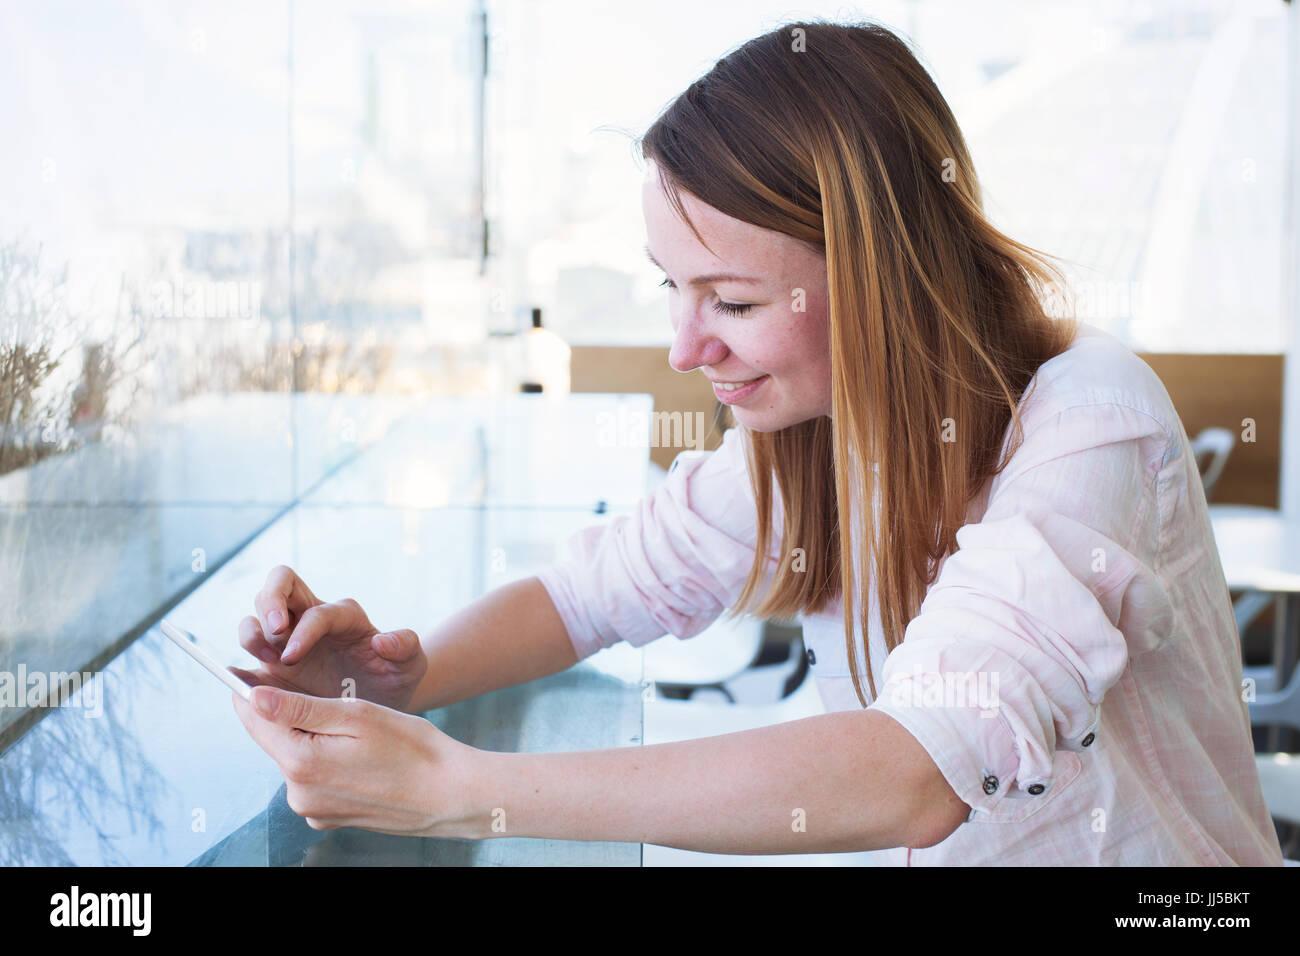 Smiling caucasian woman la lecture de courriers électroniques en ligne sur digital tablet computer, jeune fille Photo Stock